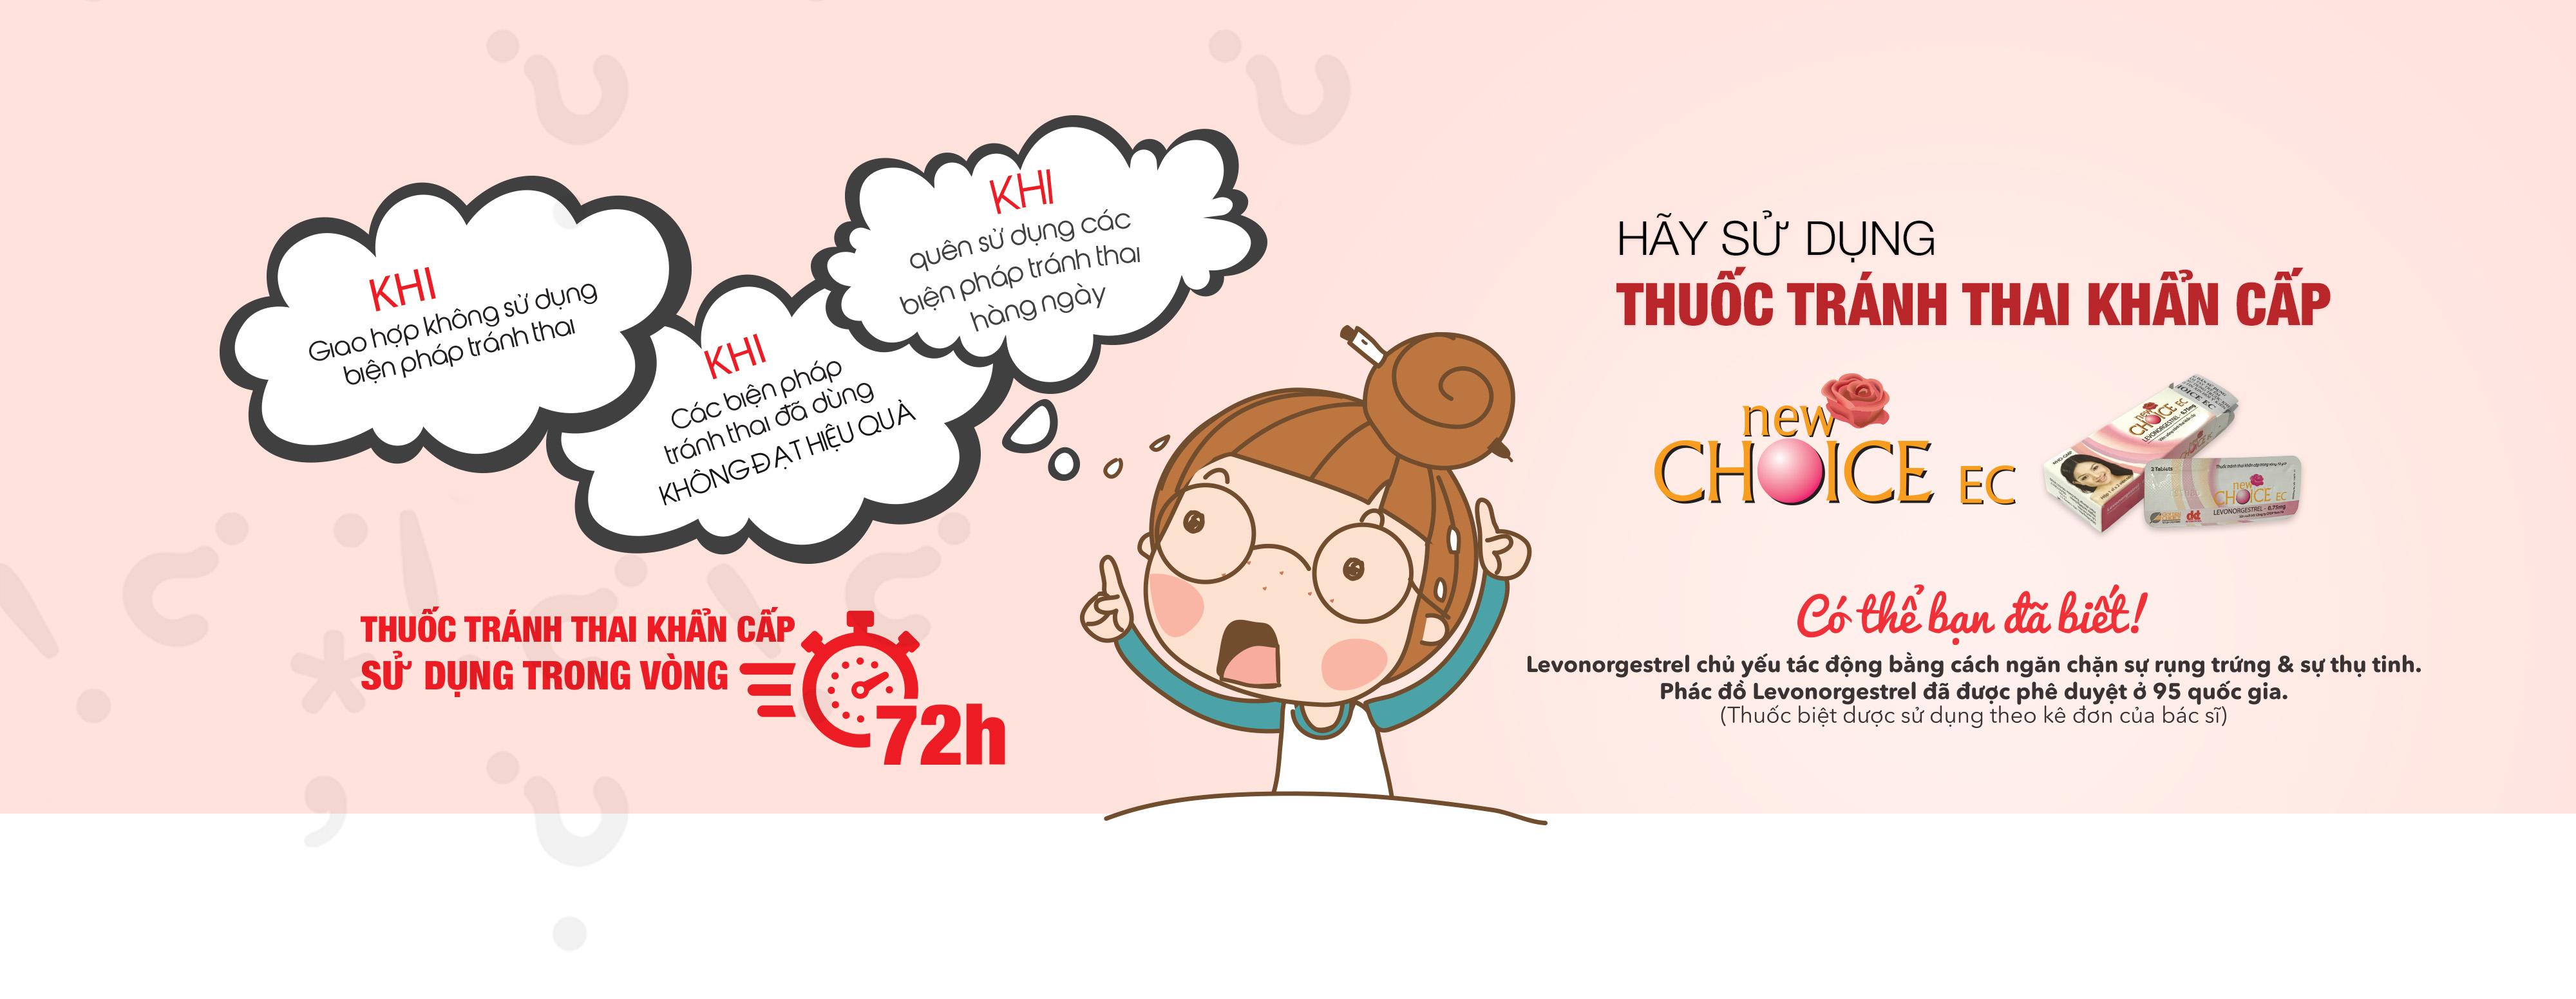 Banner-Thuoc-Tranh-Thai-new-Choice